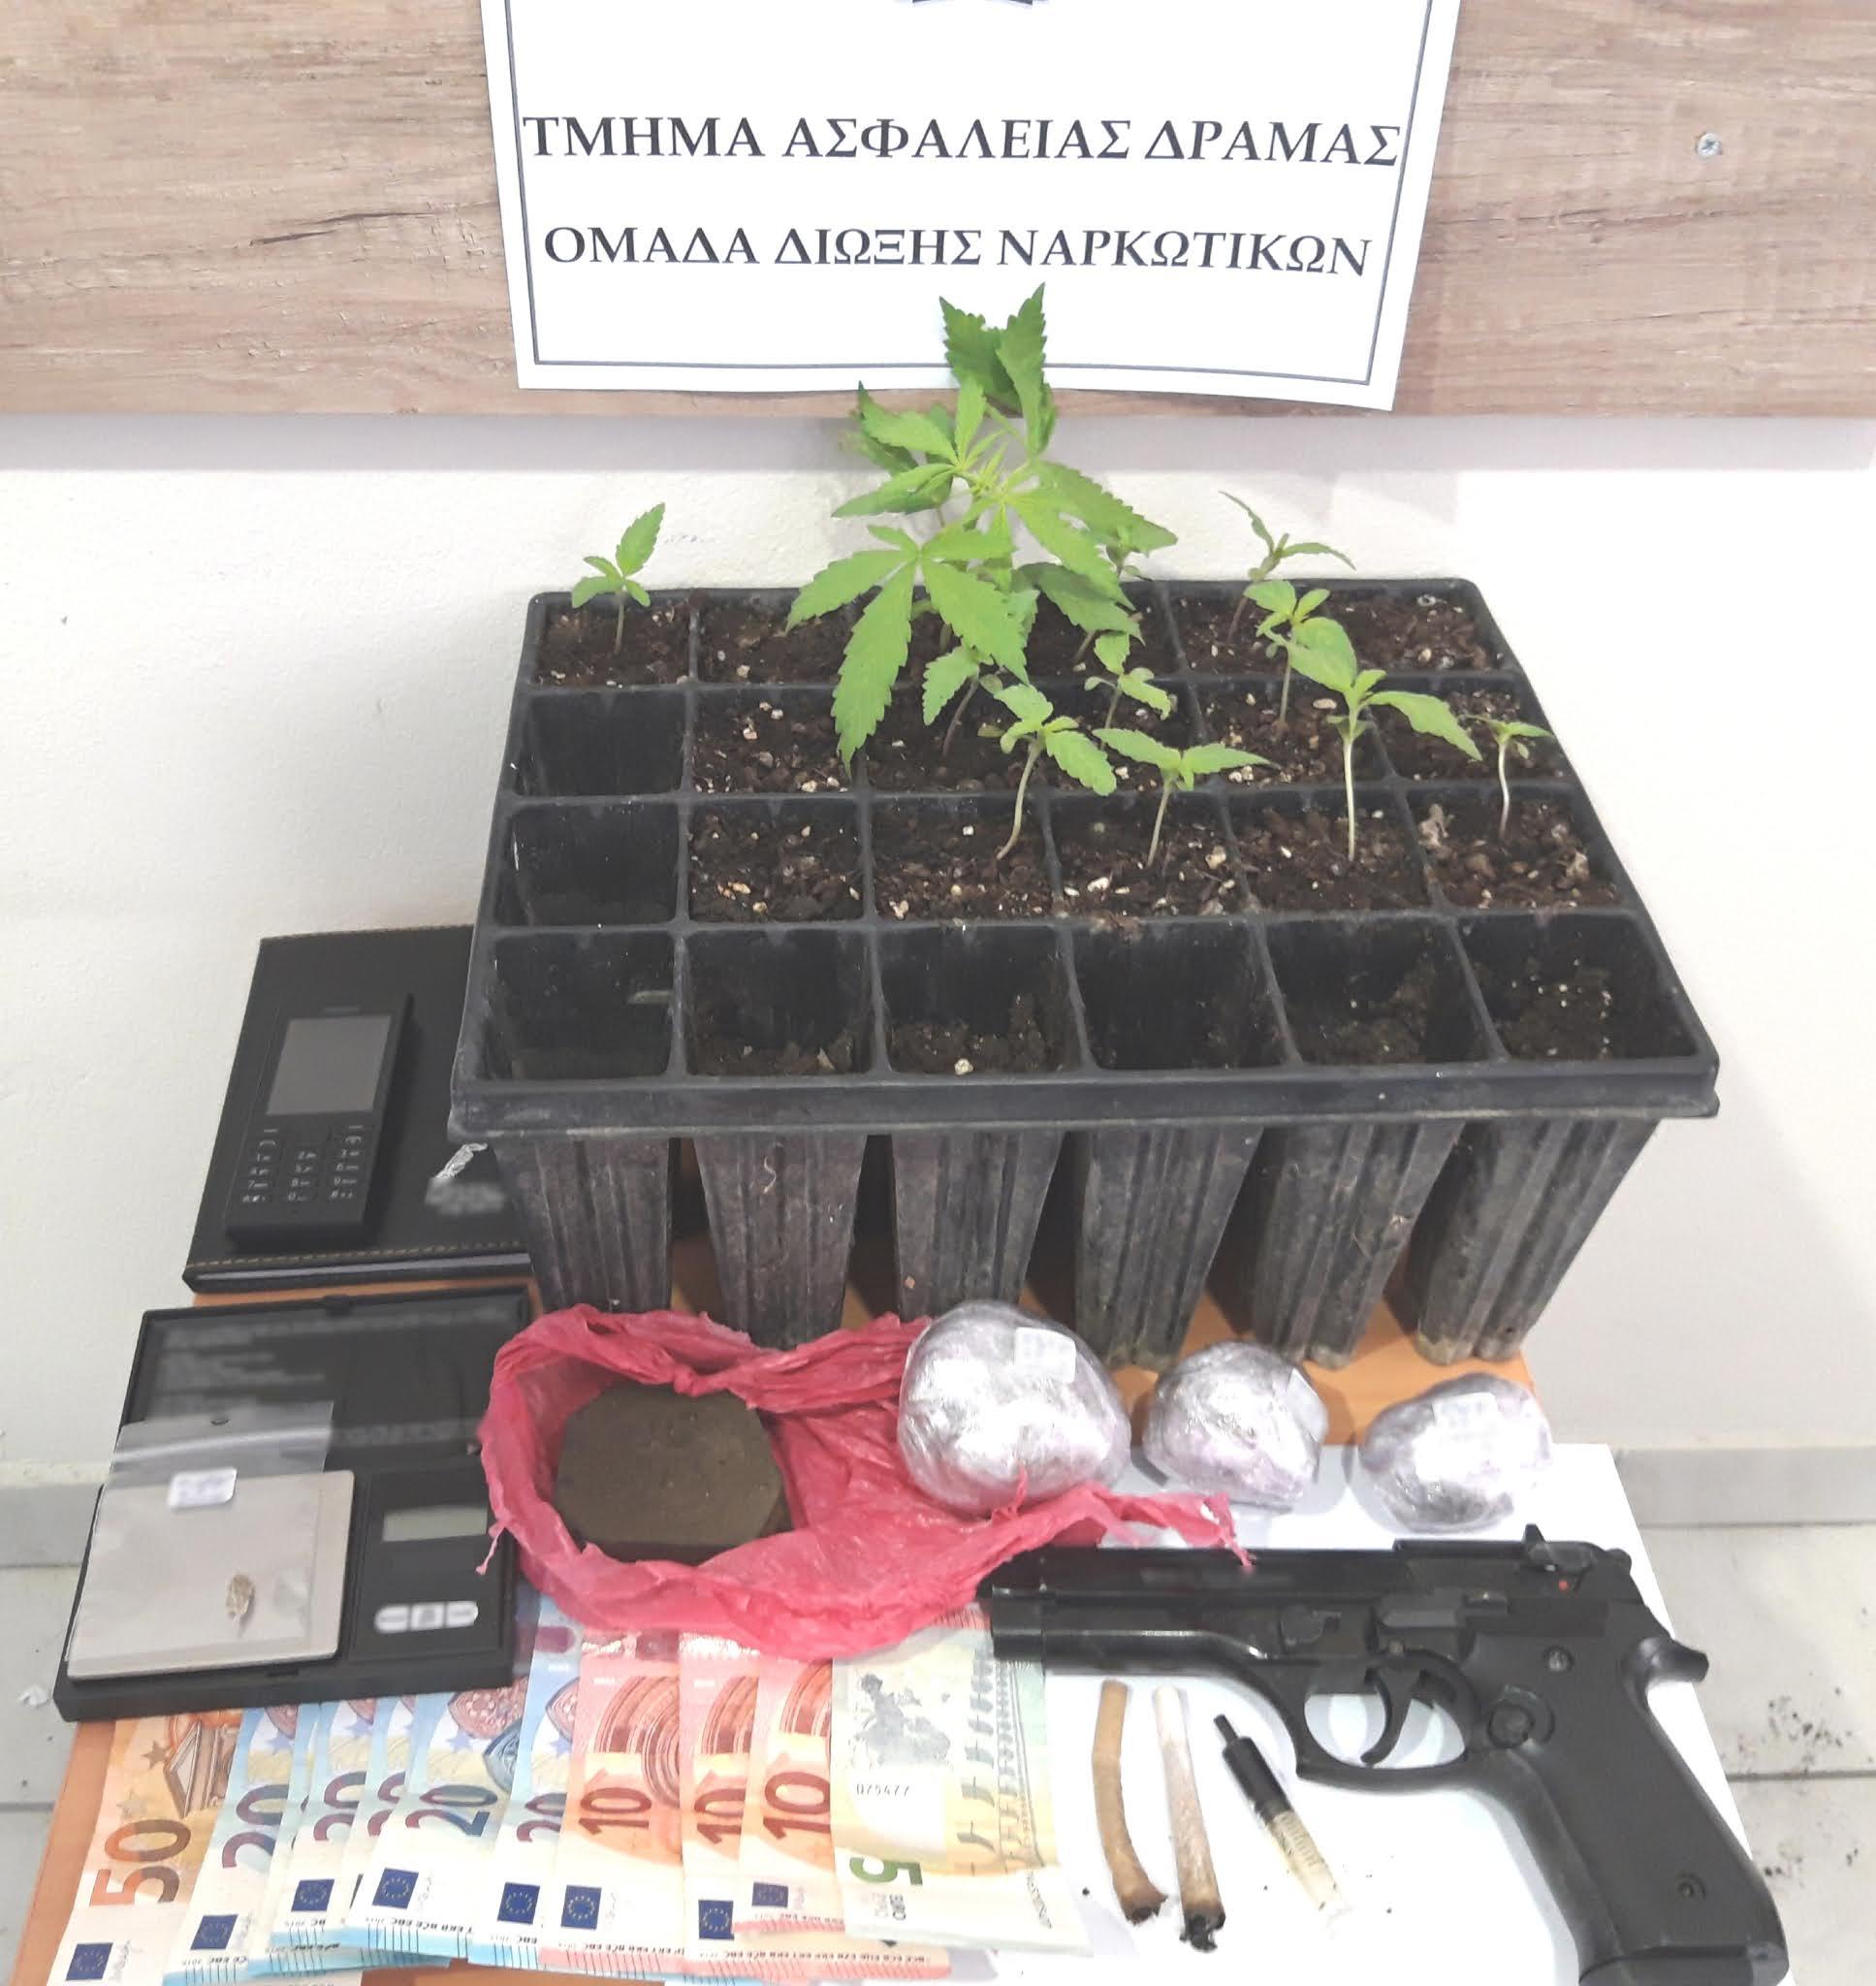 Καλλιεργούσε ναρκωτικά στο σπίτι του